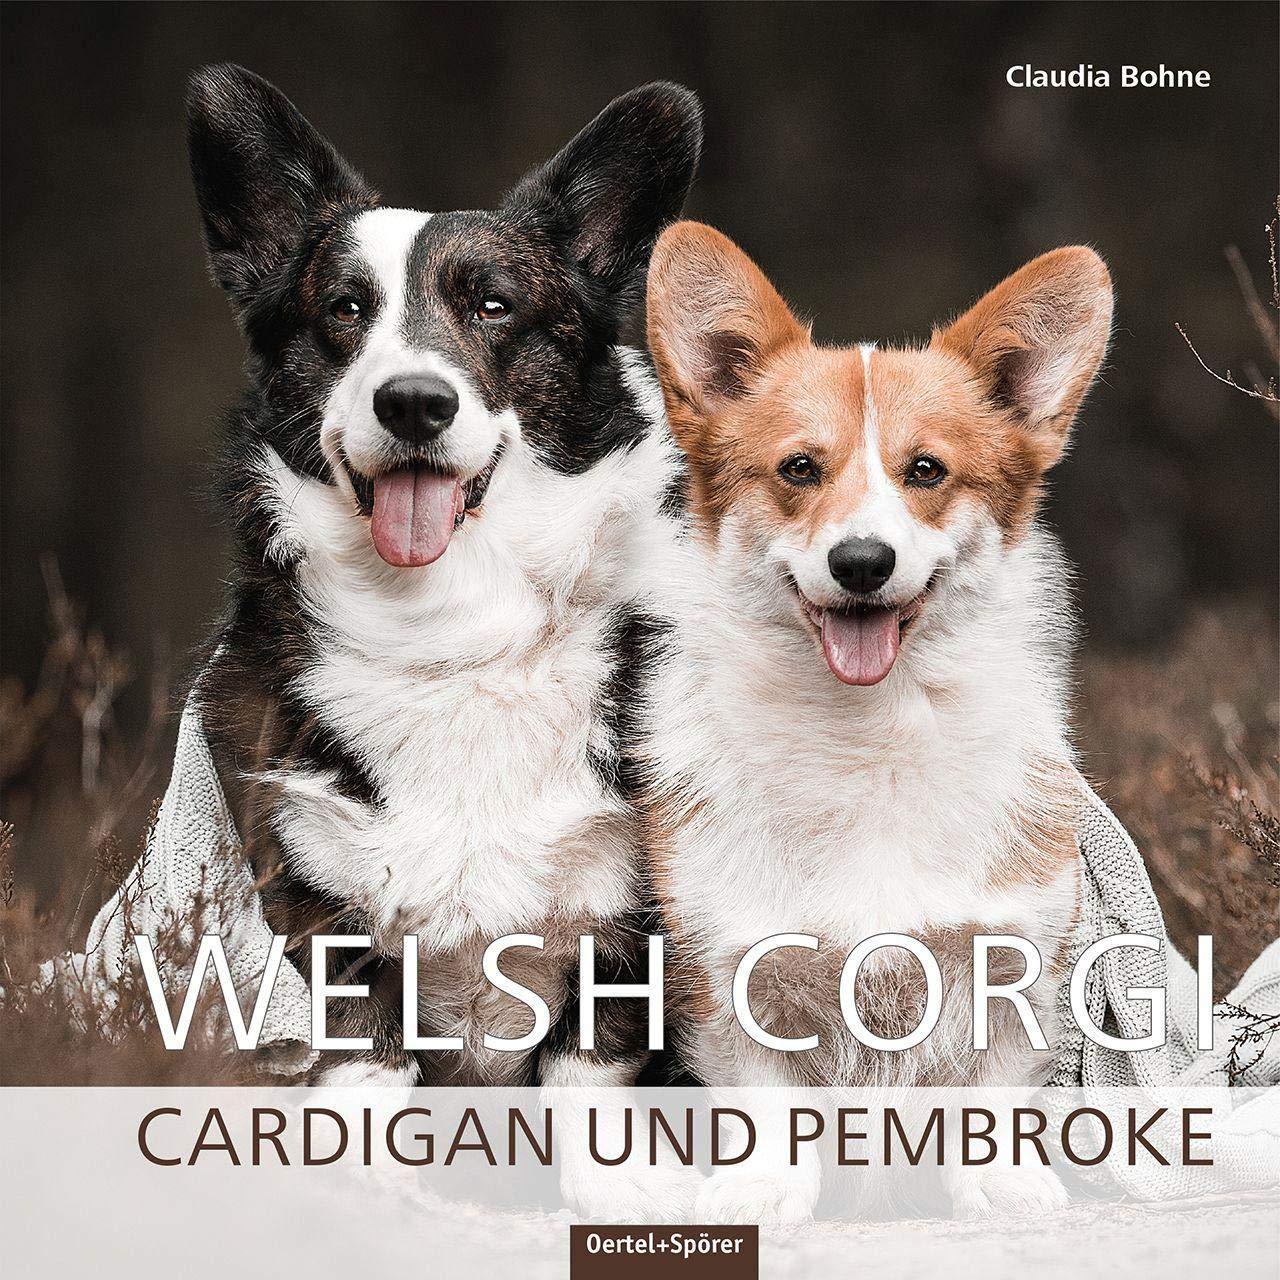 Erstes deutschsprachiges Welsh-Corgi Buch